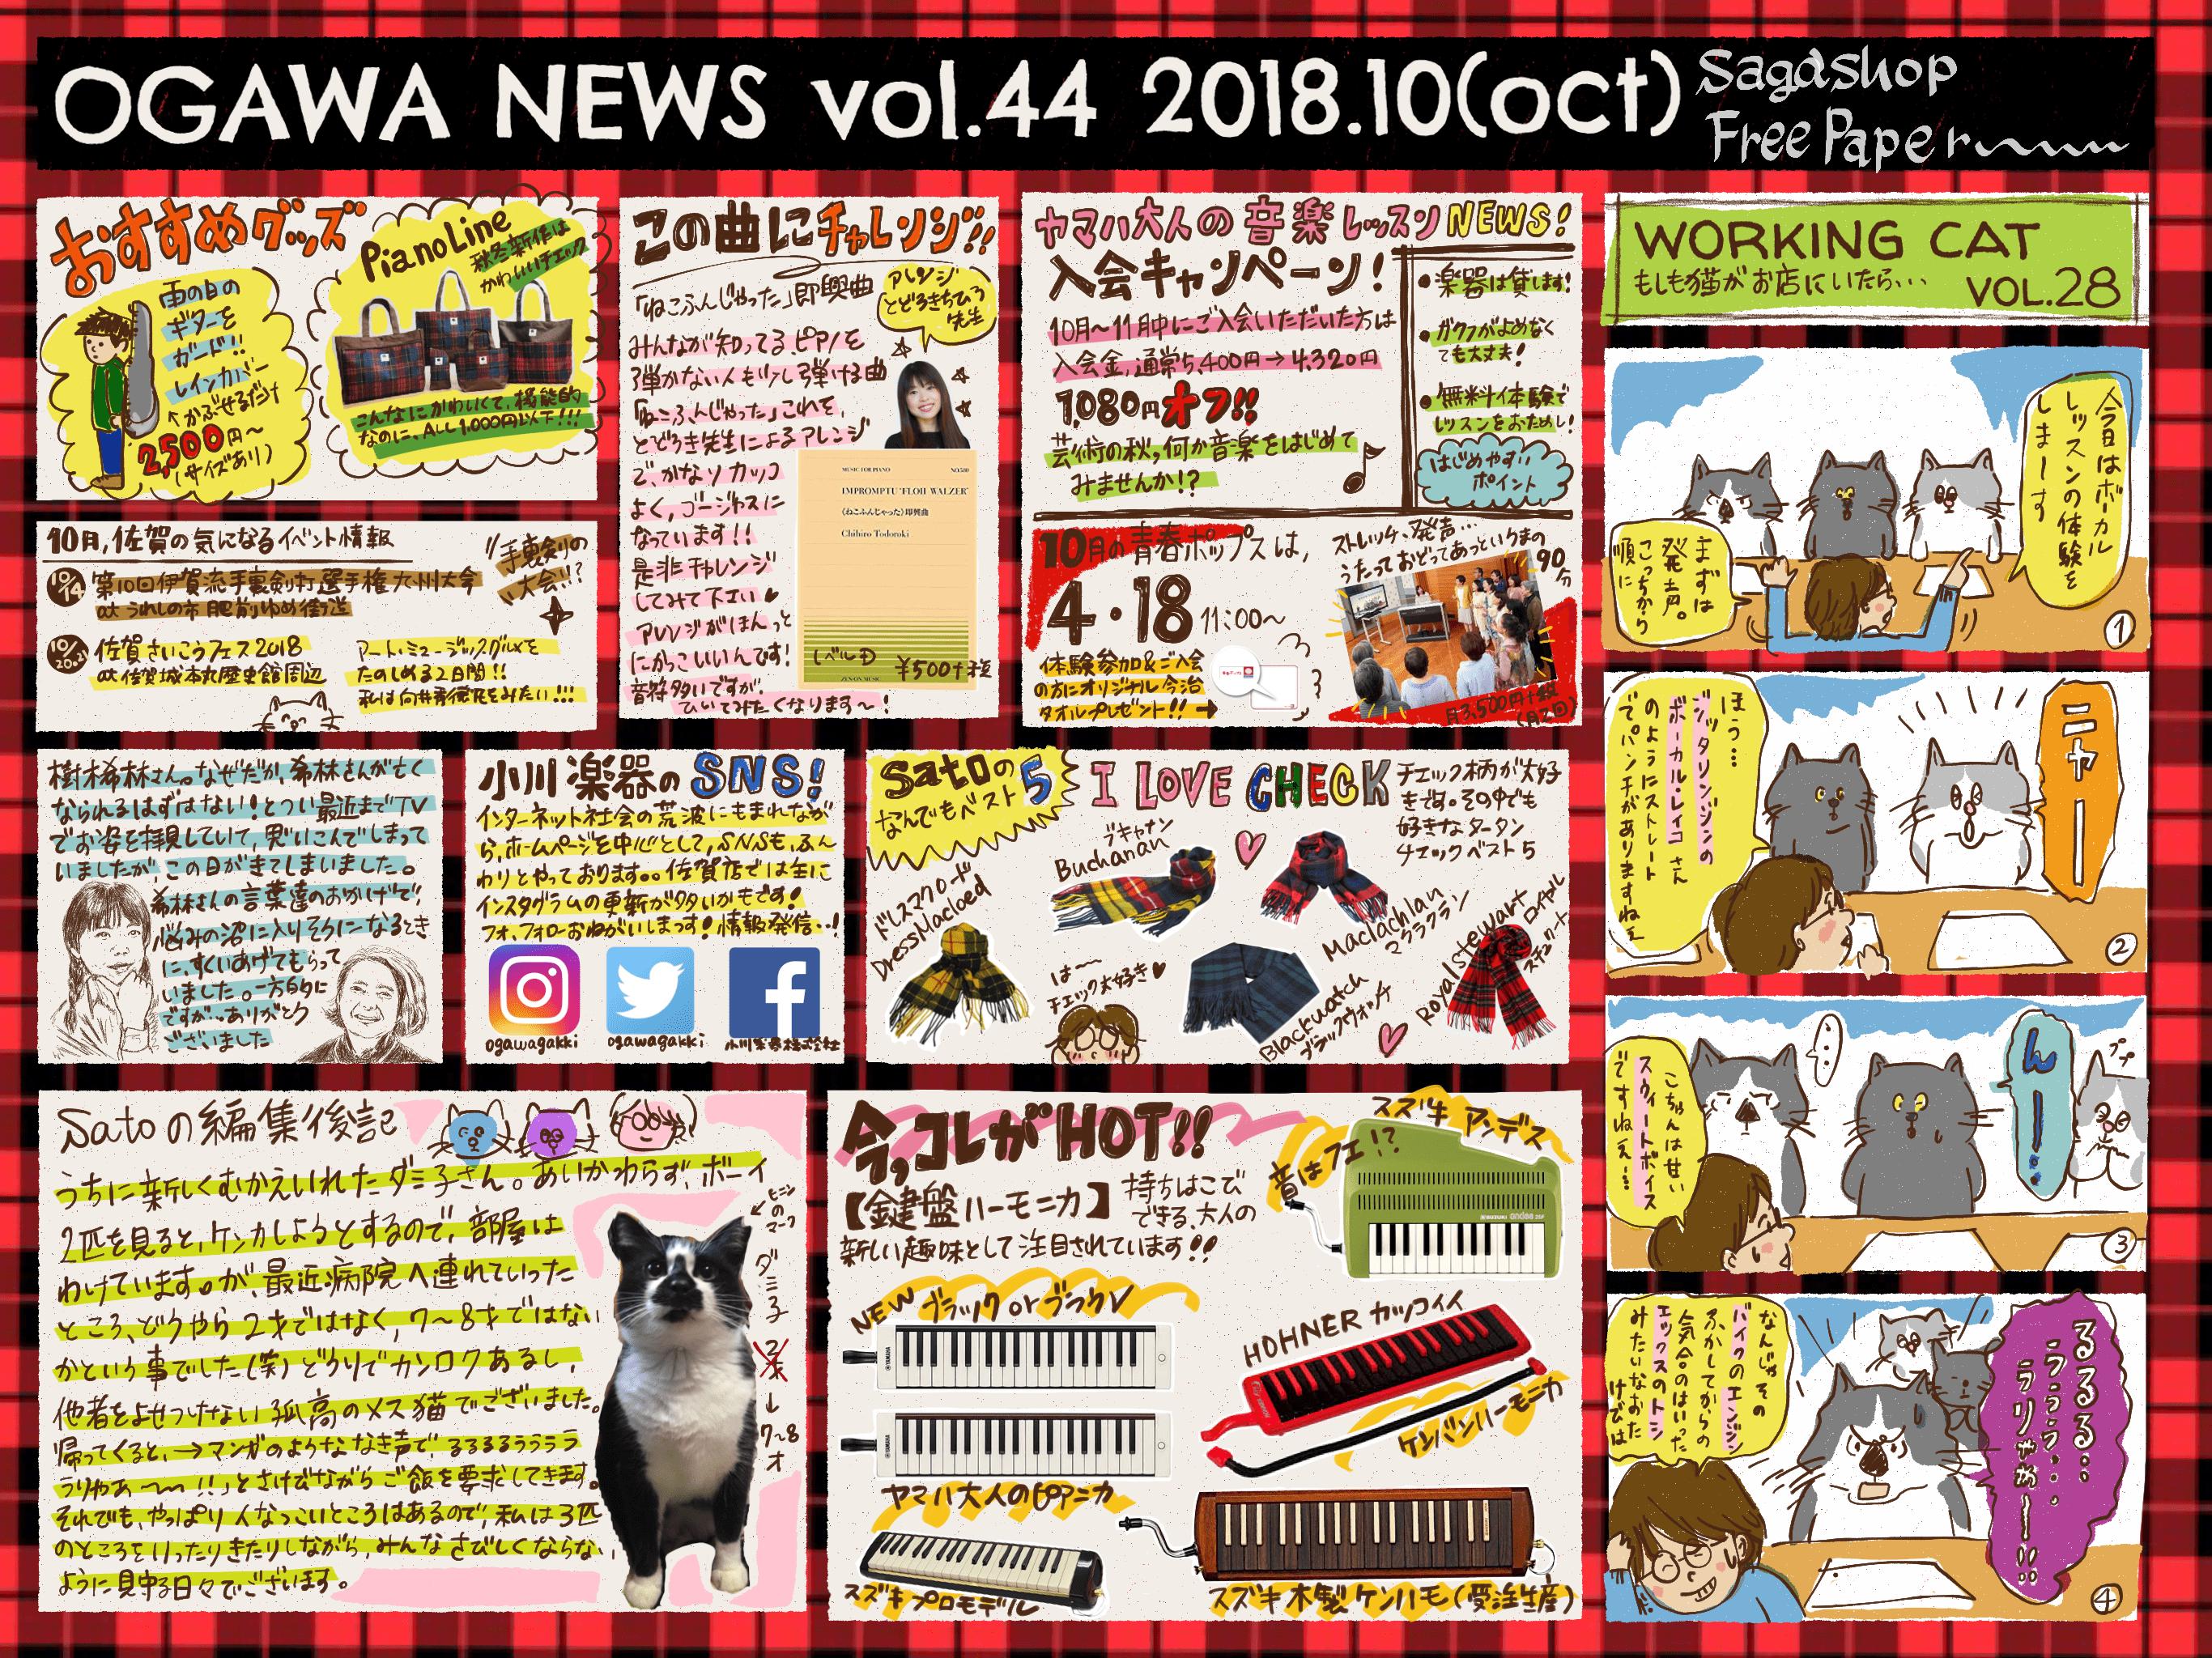 【佐賀店フリーペーパー】vol.44  2018年10月号